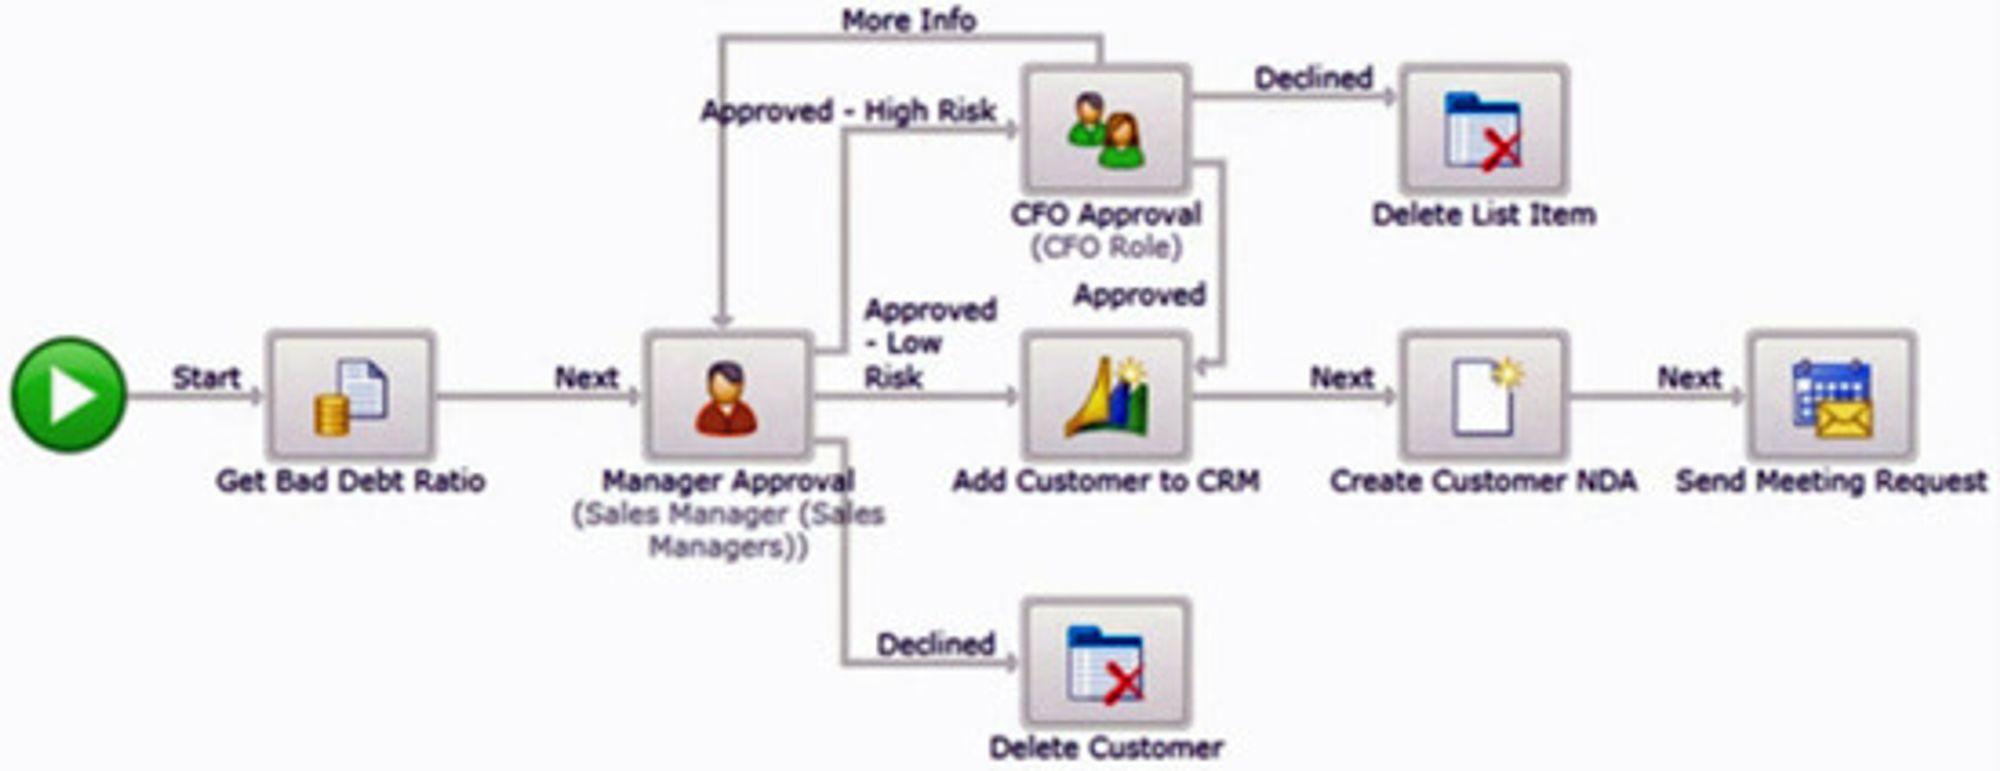 Eksempel på prosess spesifisert gjennom K2 Designer for Sharepoint.